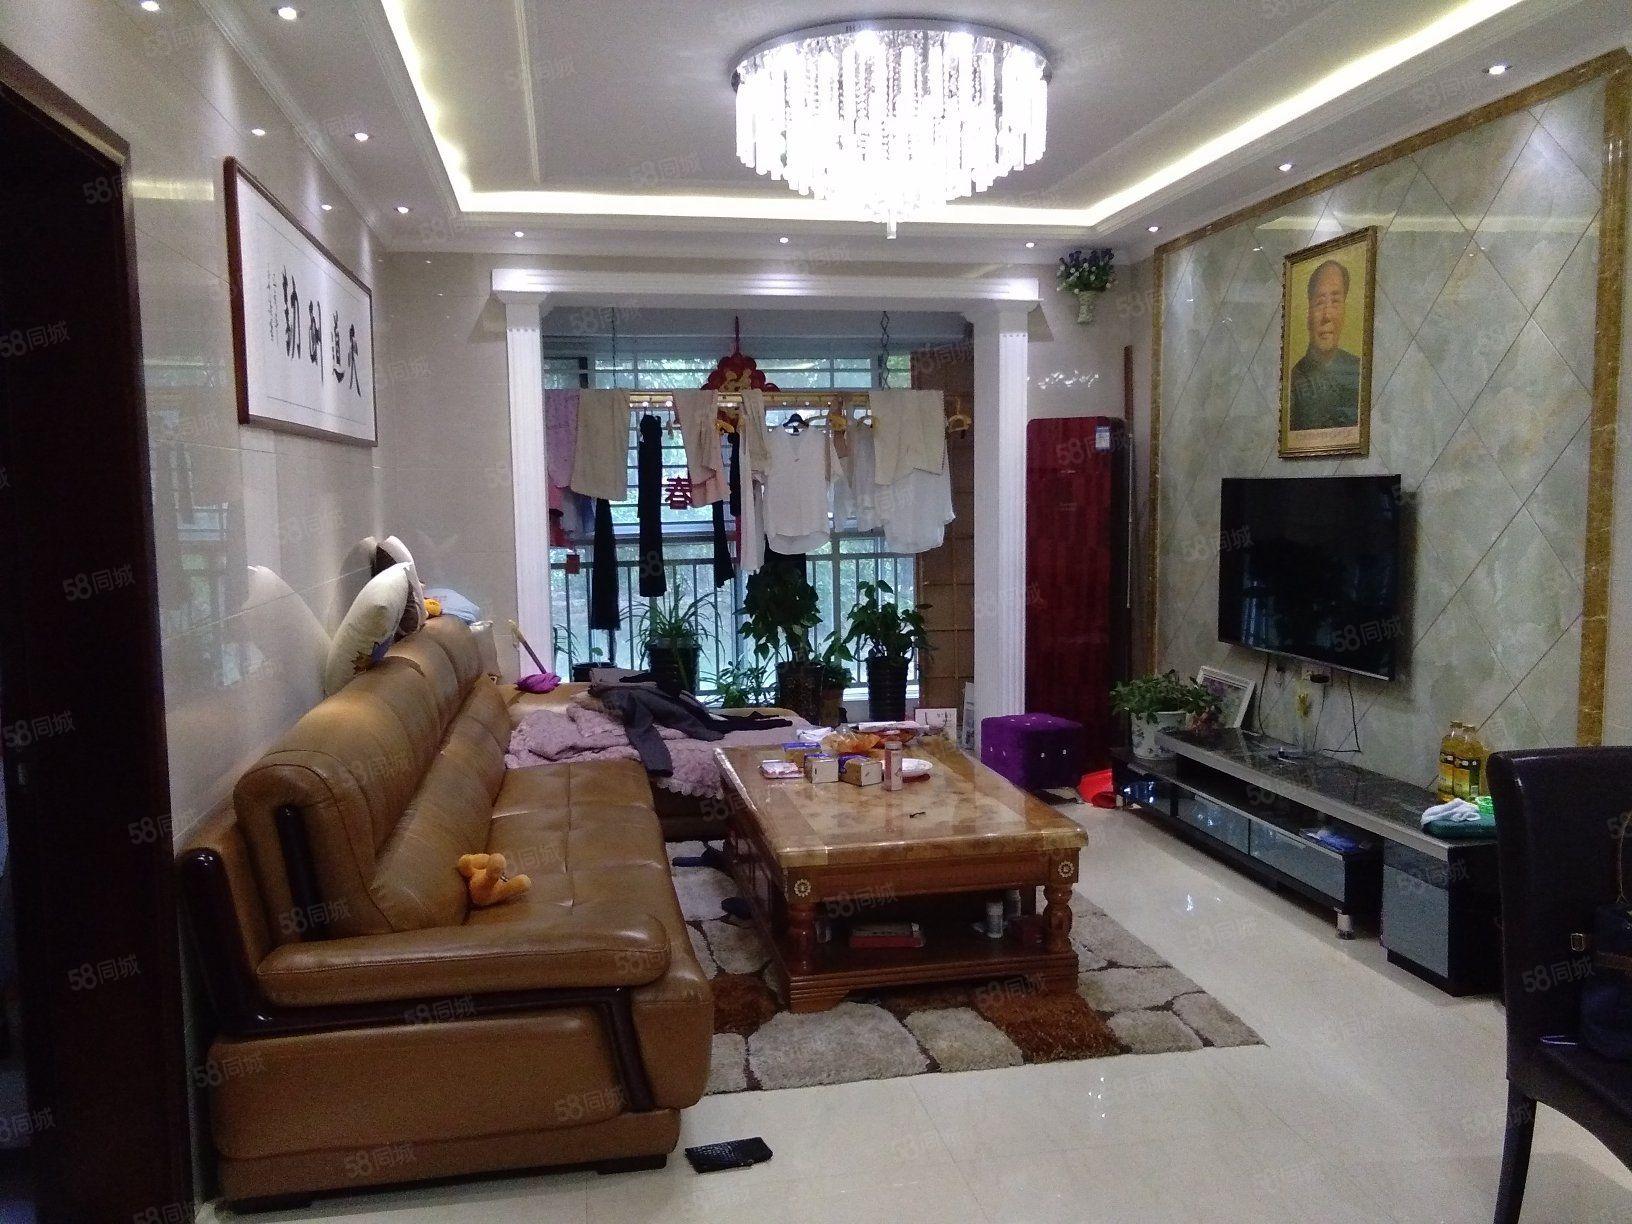 建业壹号城邦三期3室2厅2卫精装修1楼适合养老有证可贷款